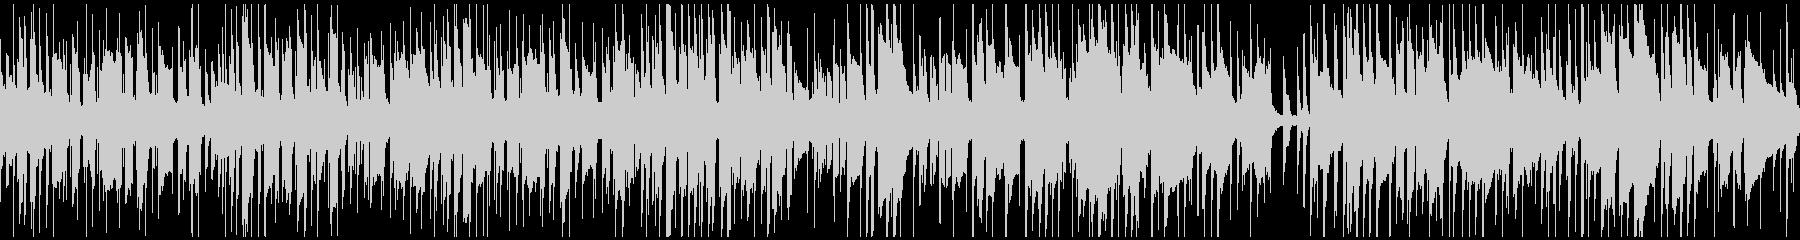 アバター、キャラクター作成用BGMの未再生の波形